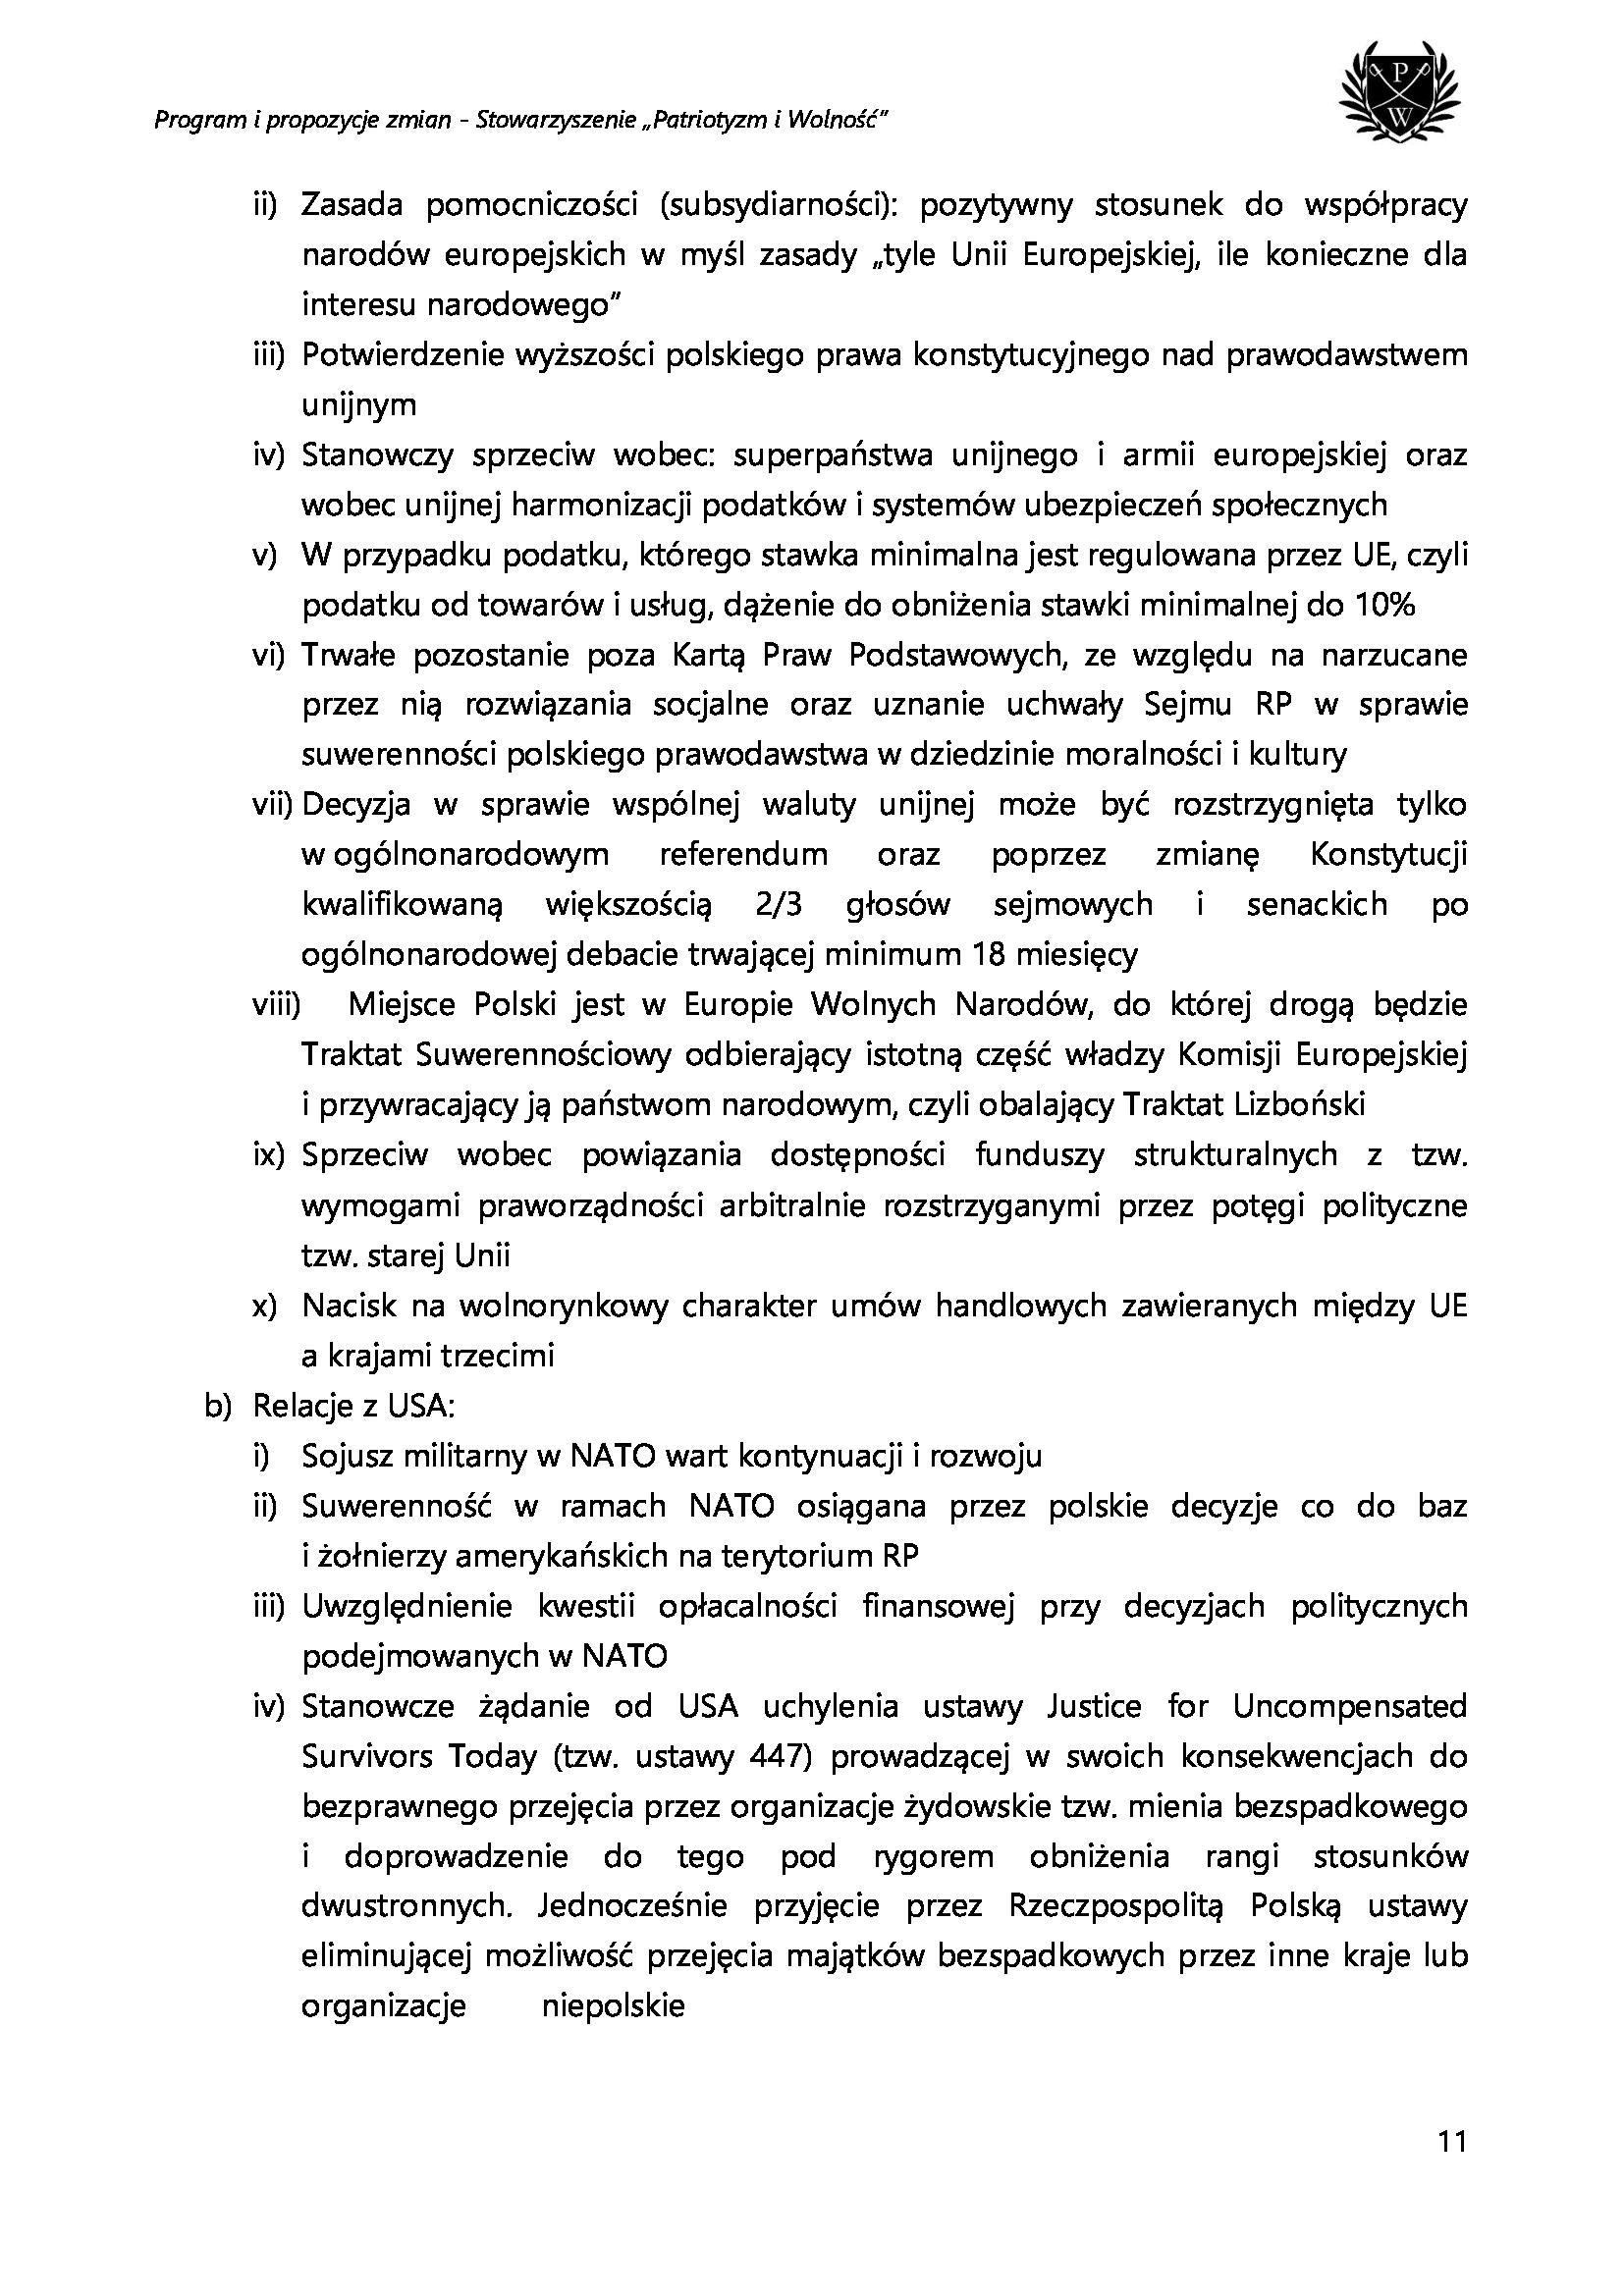 db9e272ef5a9a2e66d26f1905be6c507-11